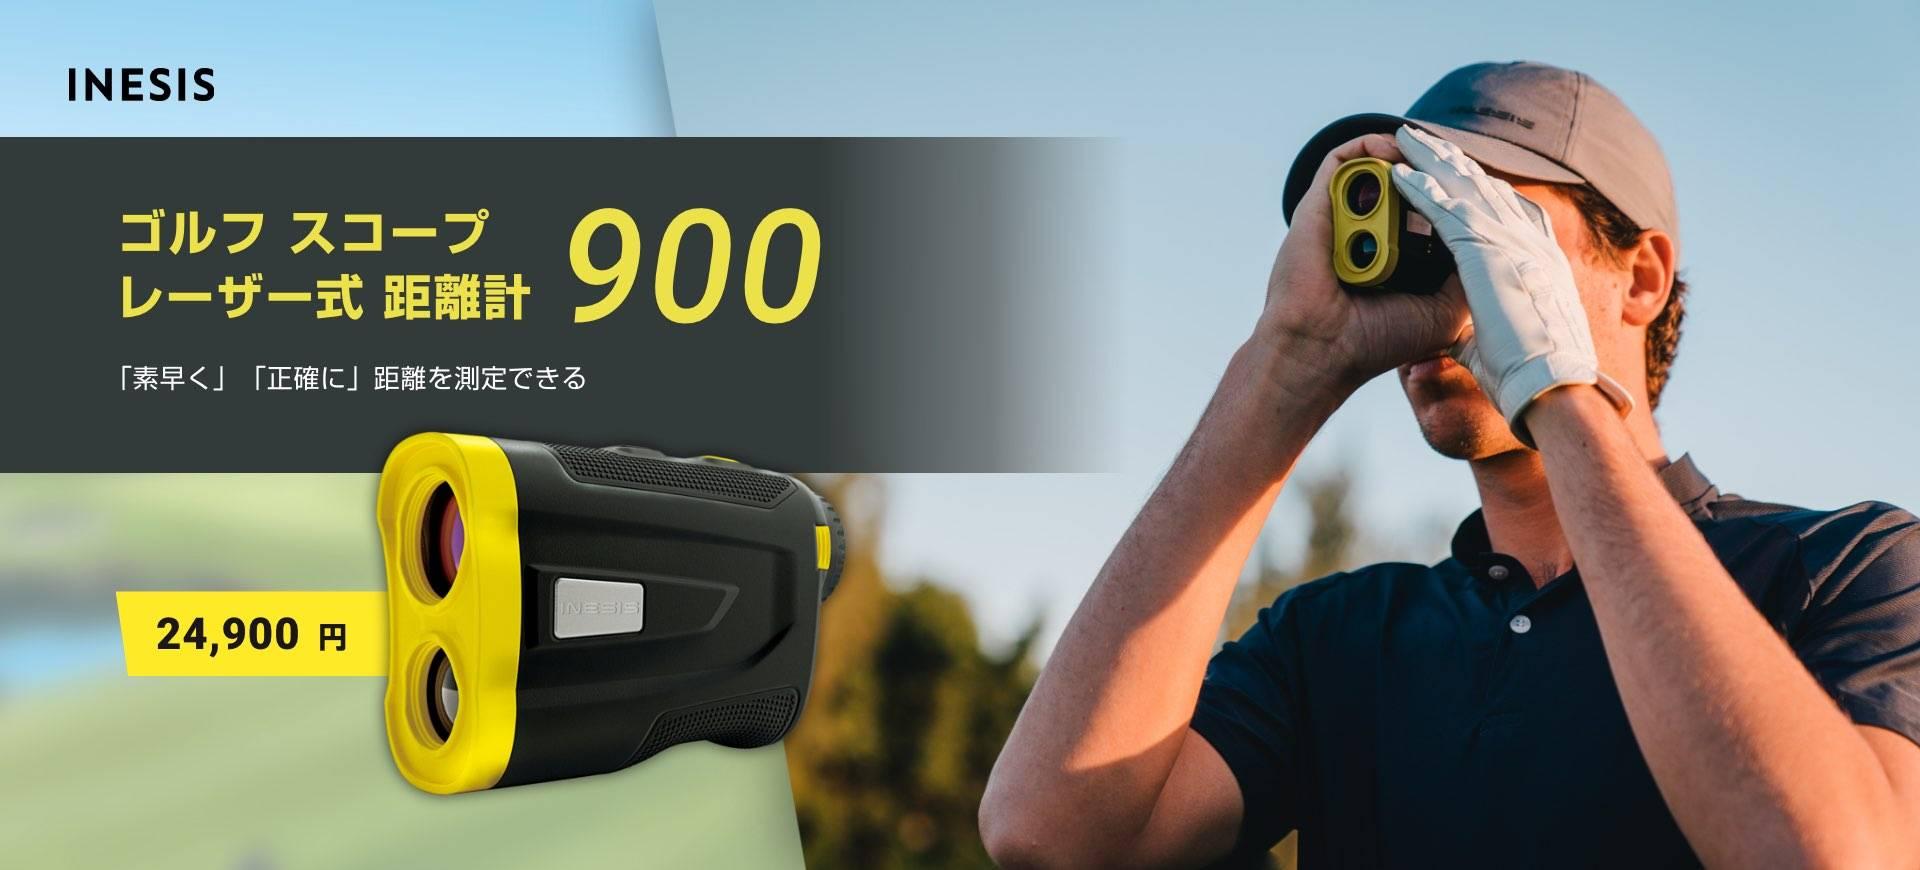 INESIS(イネジス)ゴルフスコープ/レーザー式距離計 900「素早く」「正確に」距離を測定できる